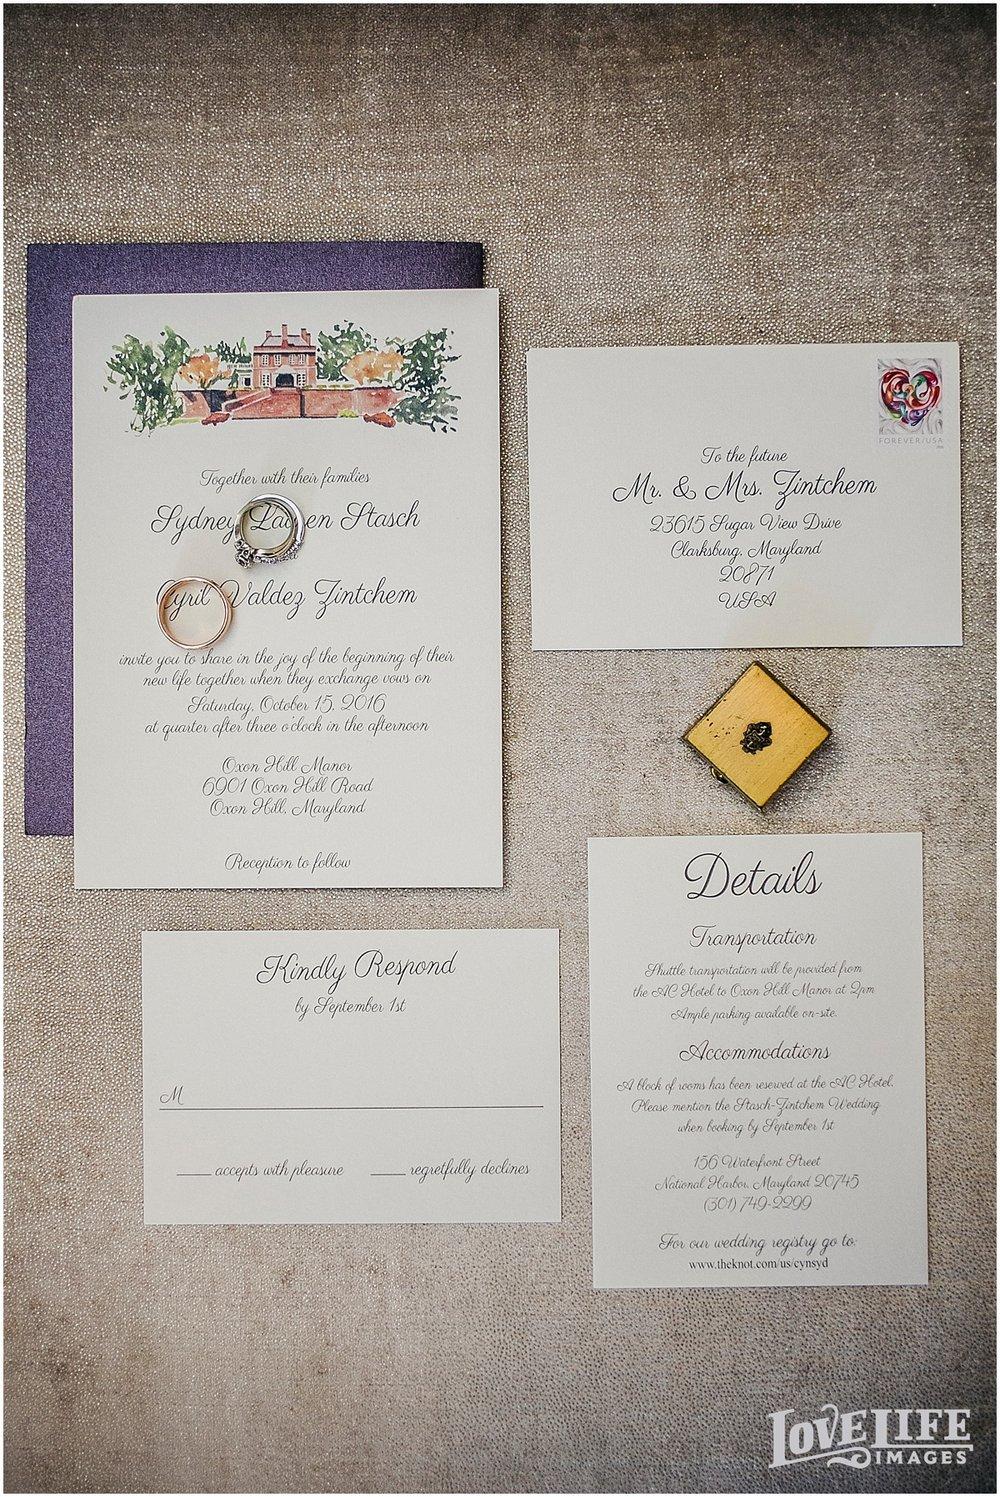 brielle-davis-events-oxon-hill-manor-wedding-invitation-suite.jpg